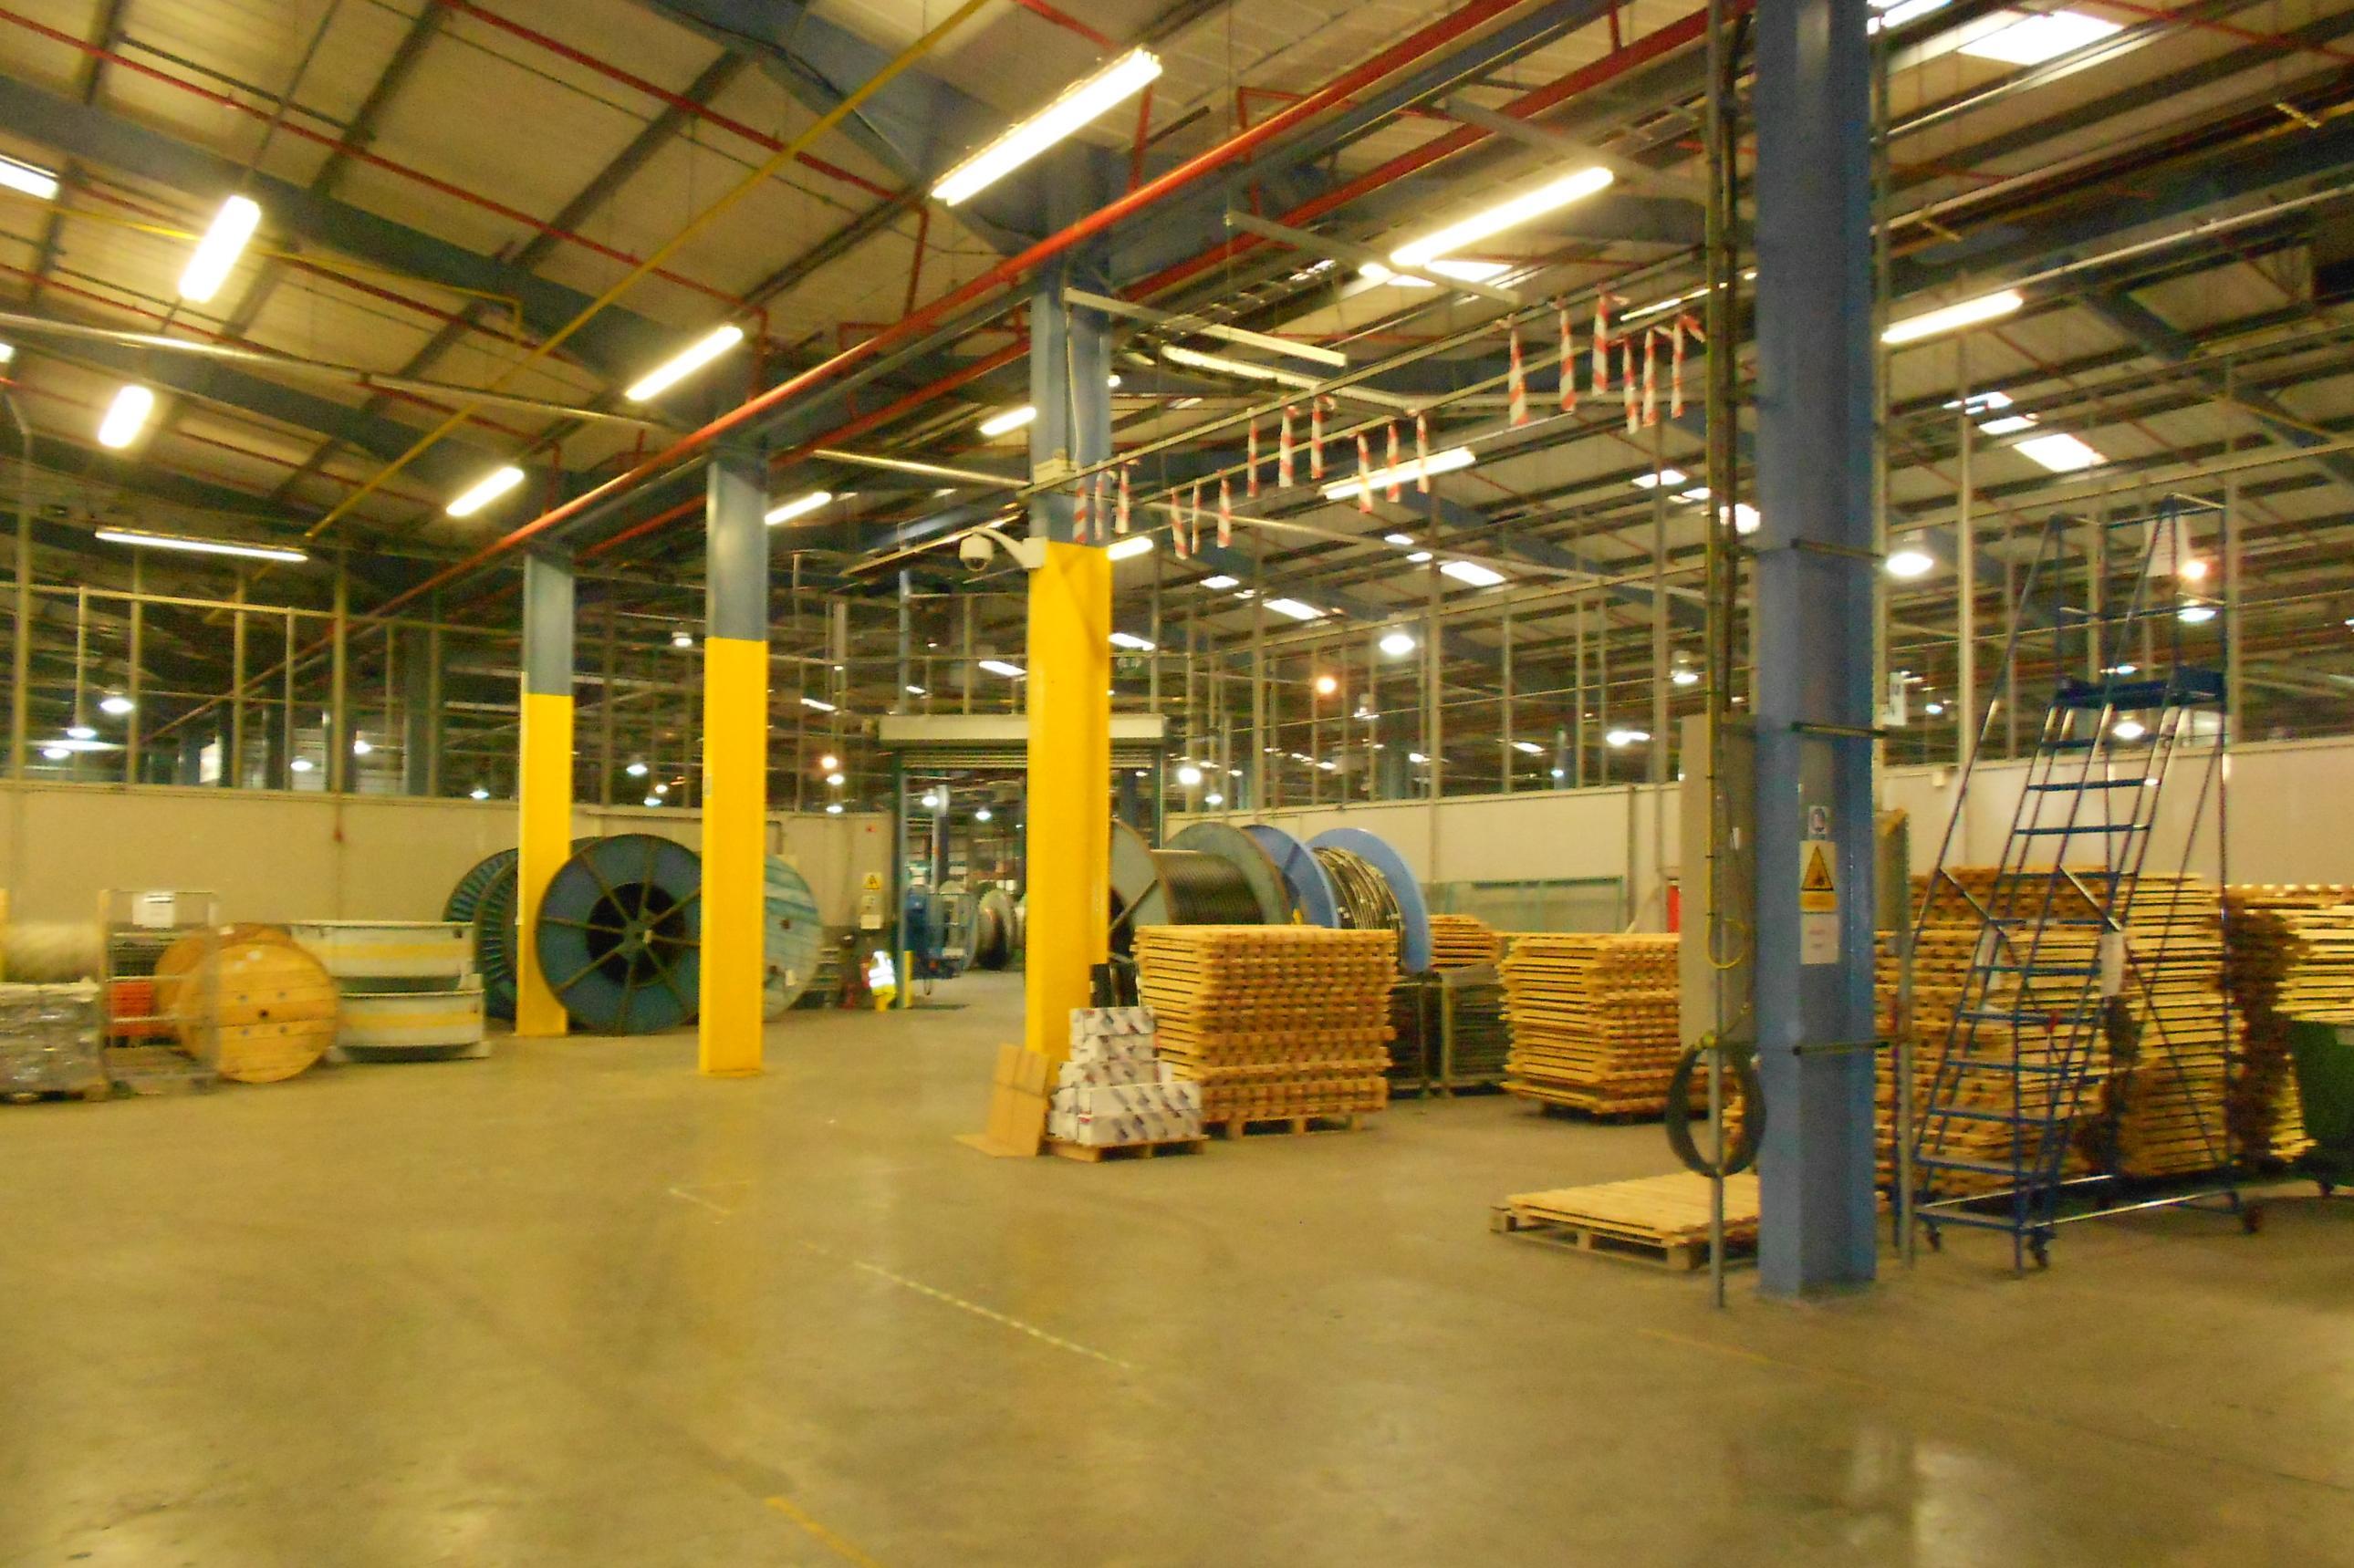 Industrial Newport, NP19 4SS - Queensway Meadows